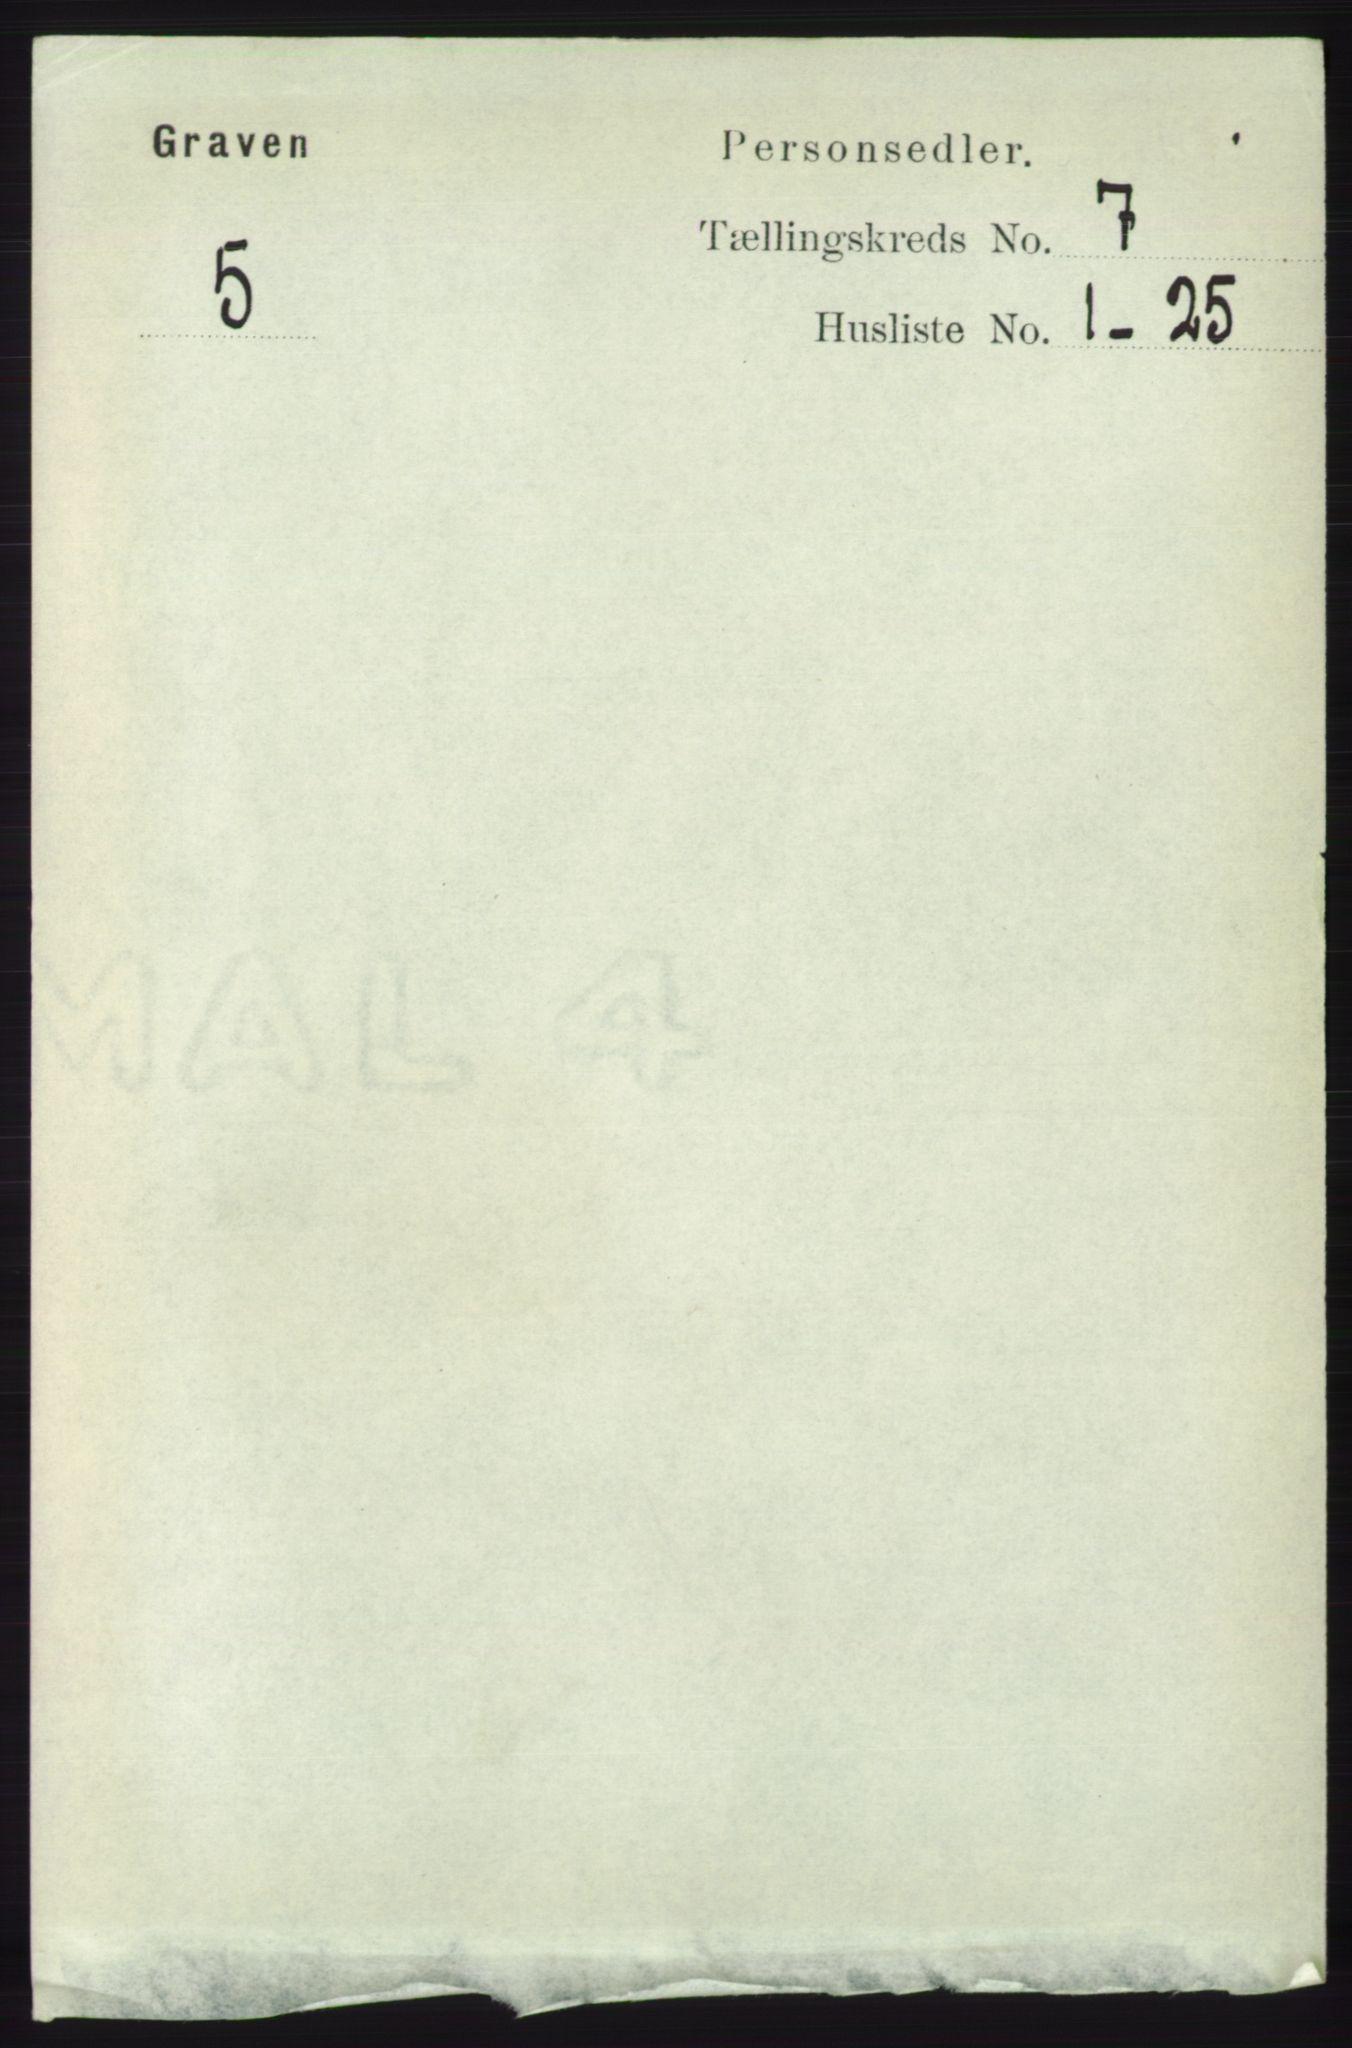 RA, Folketelling 1891 for 1233 Ulvik herred, 1891, s. 2269